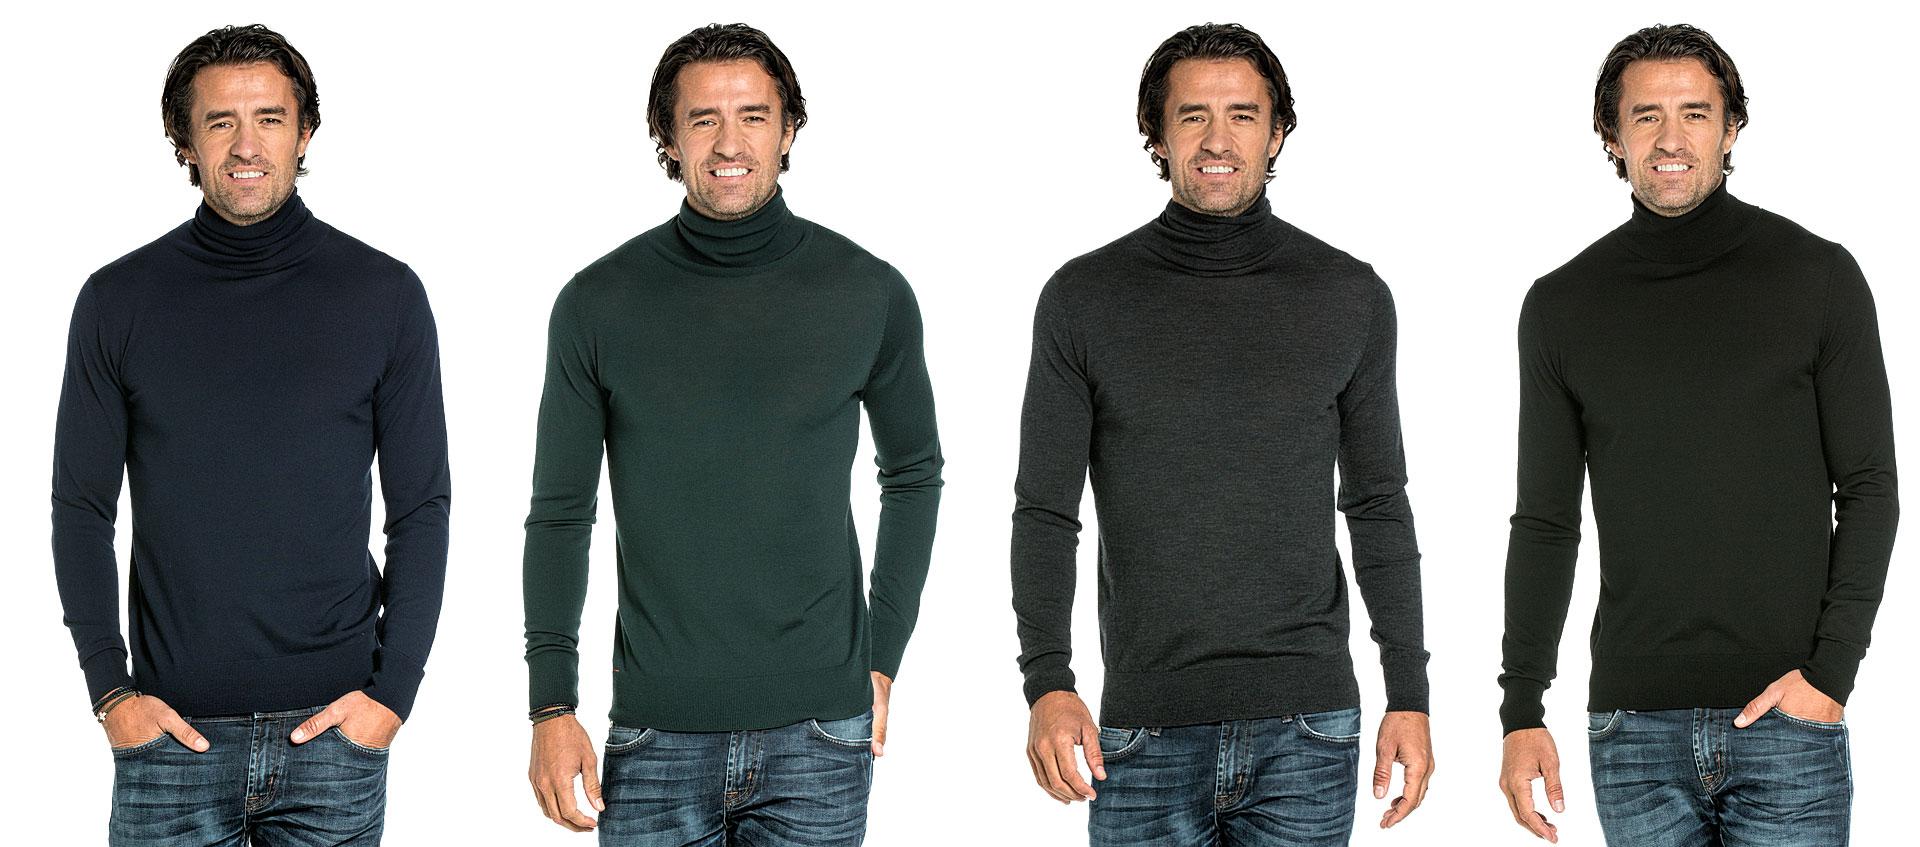 Rollkragenpullover für Herren kaufen Sie versandkostenfrei bei Joe Merino.